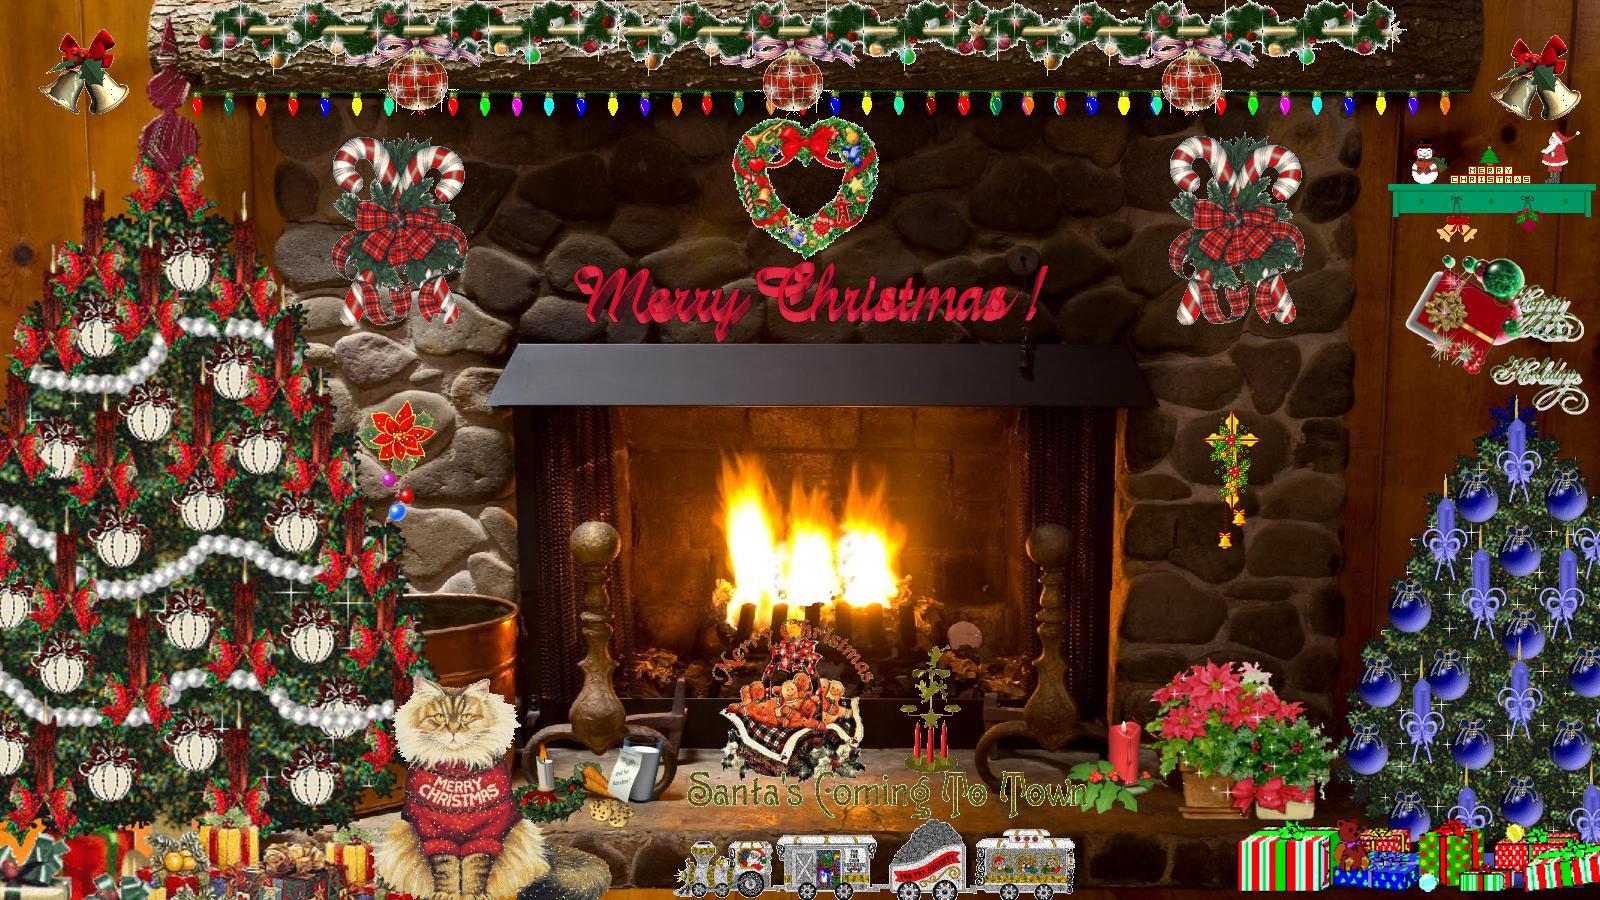 Free Christmas Fireplace Screensaver  Christmas Fireplace Wallpaper Animated WallpaperSafari